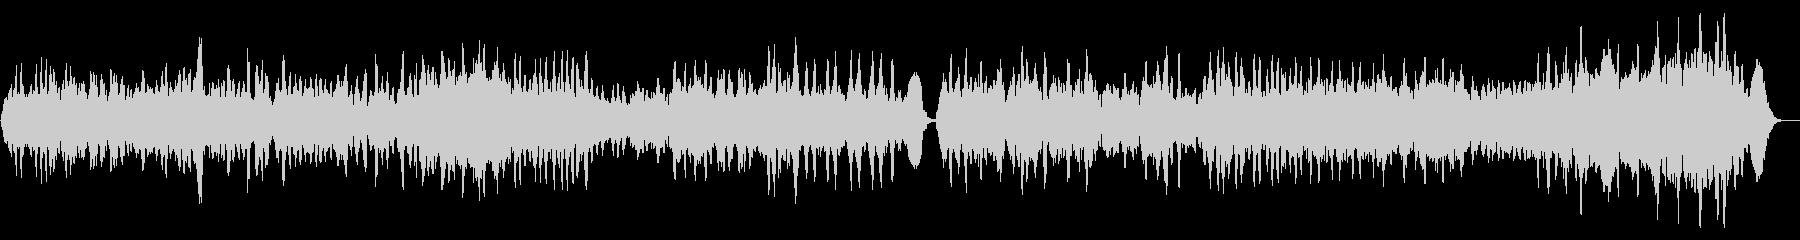 バッハ無伴奏チェロ組曲「プレリュード」の未再生の波形